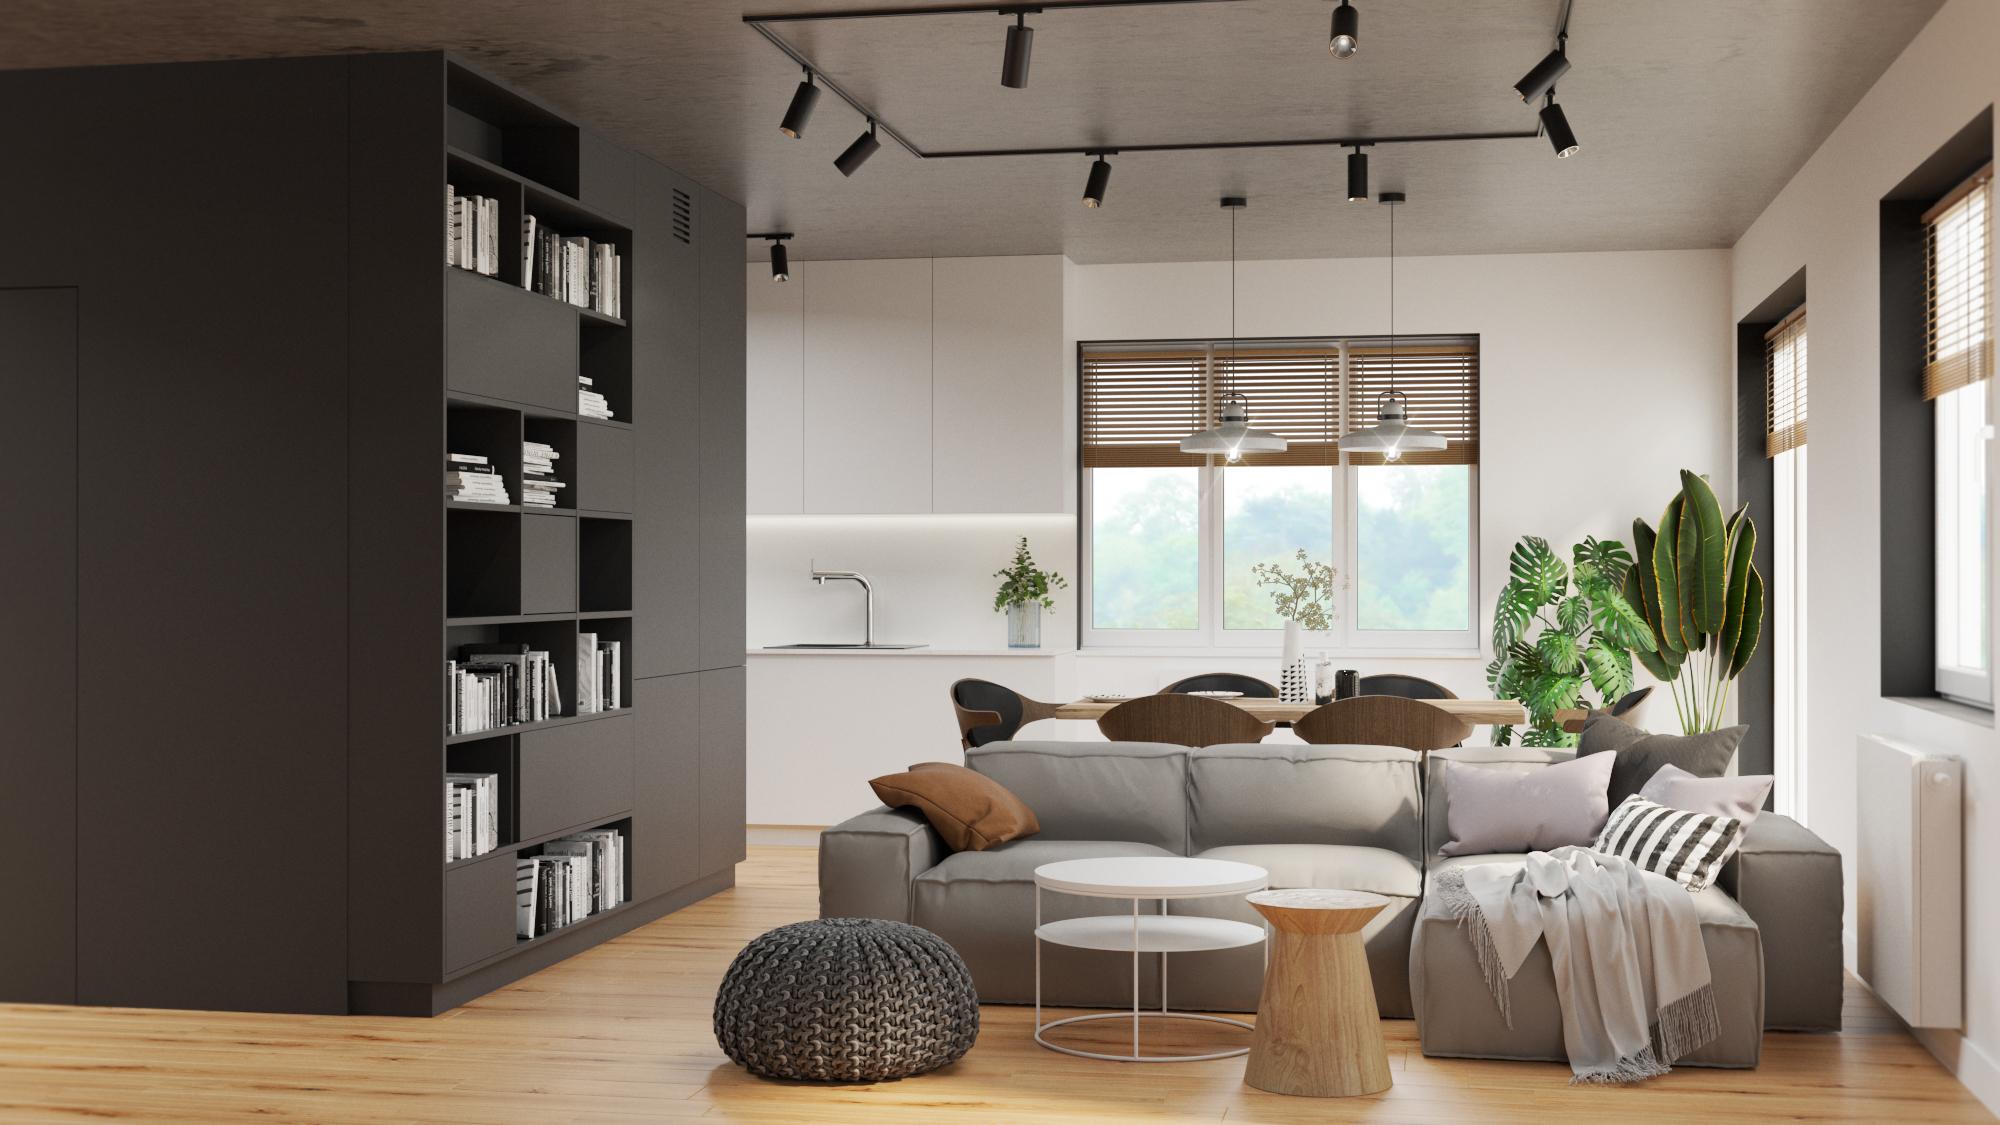 nowoczesny salon_czarny kubik_czarne zabudowy